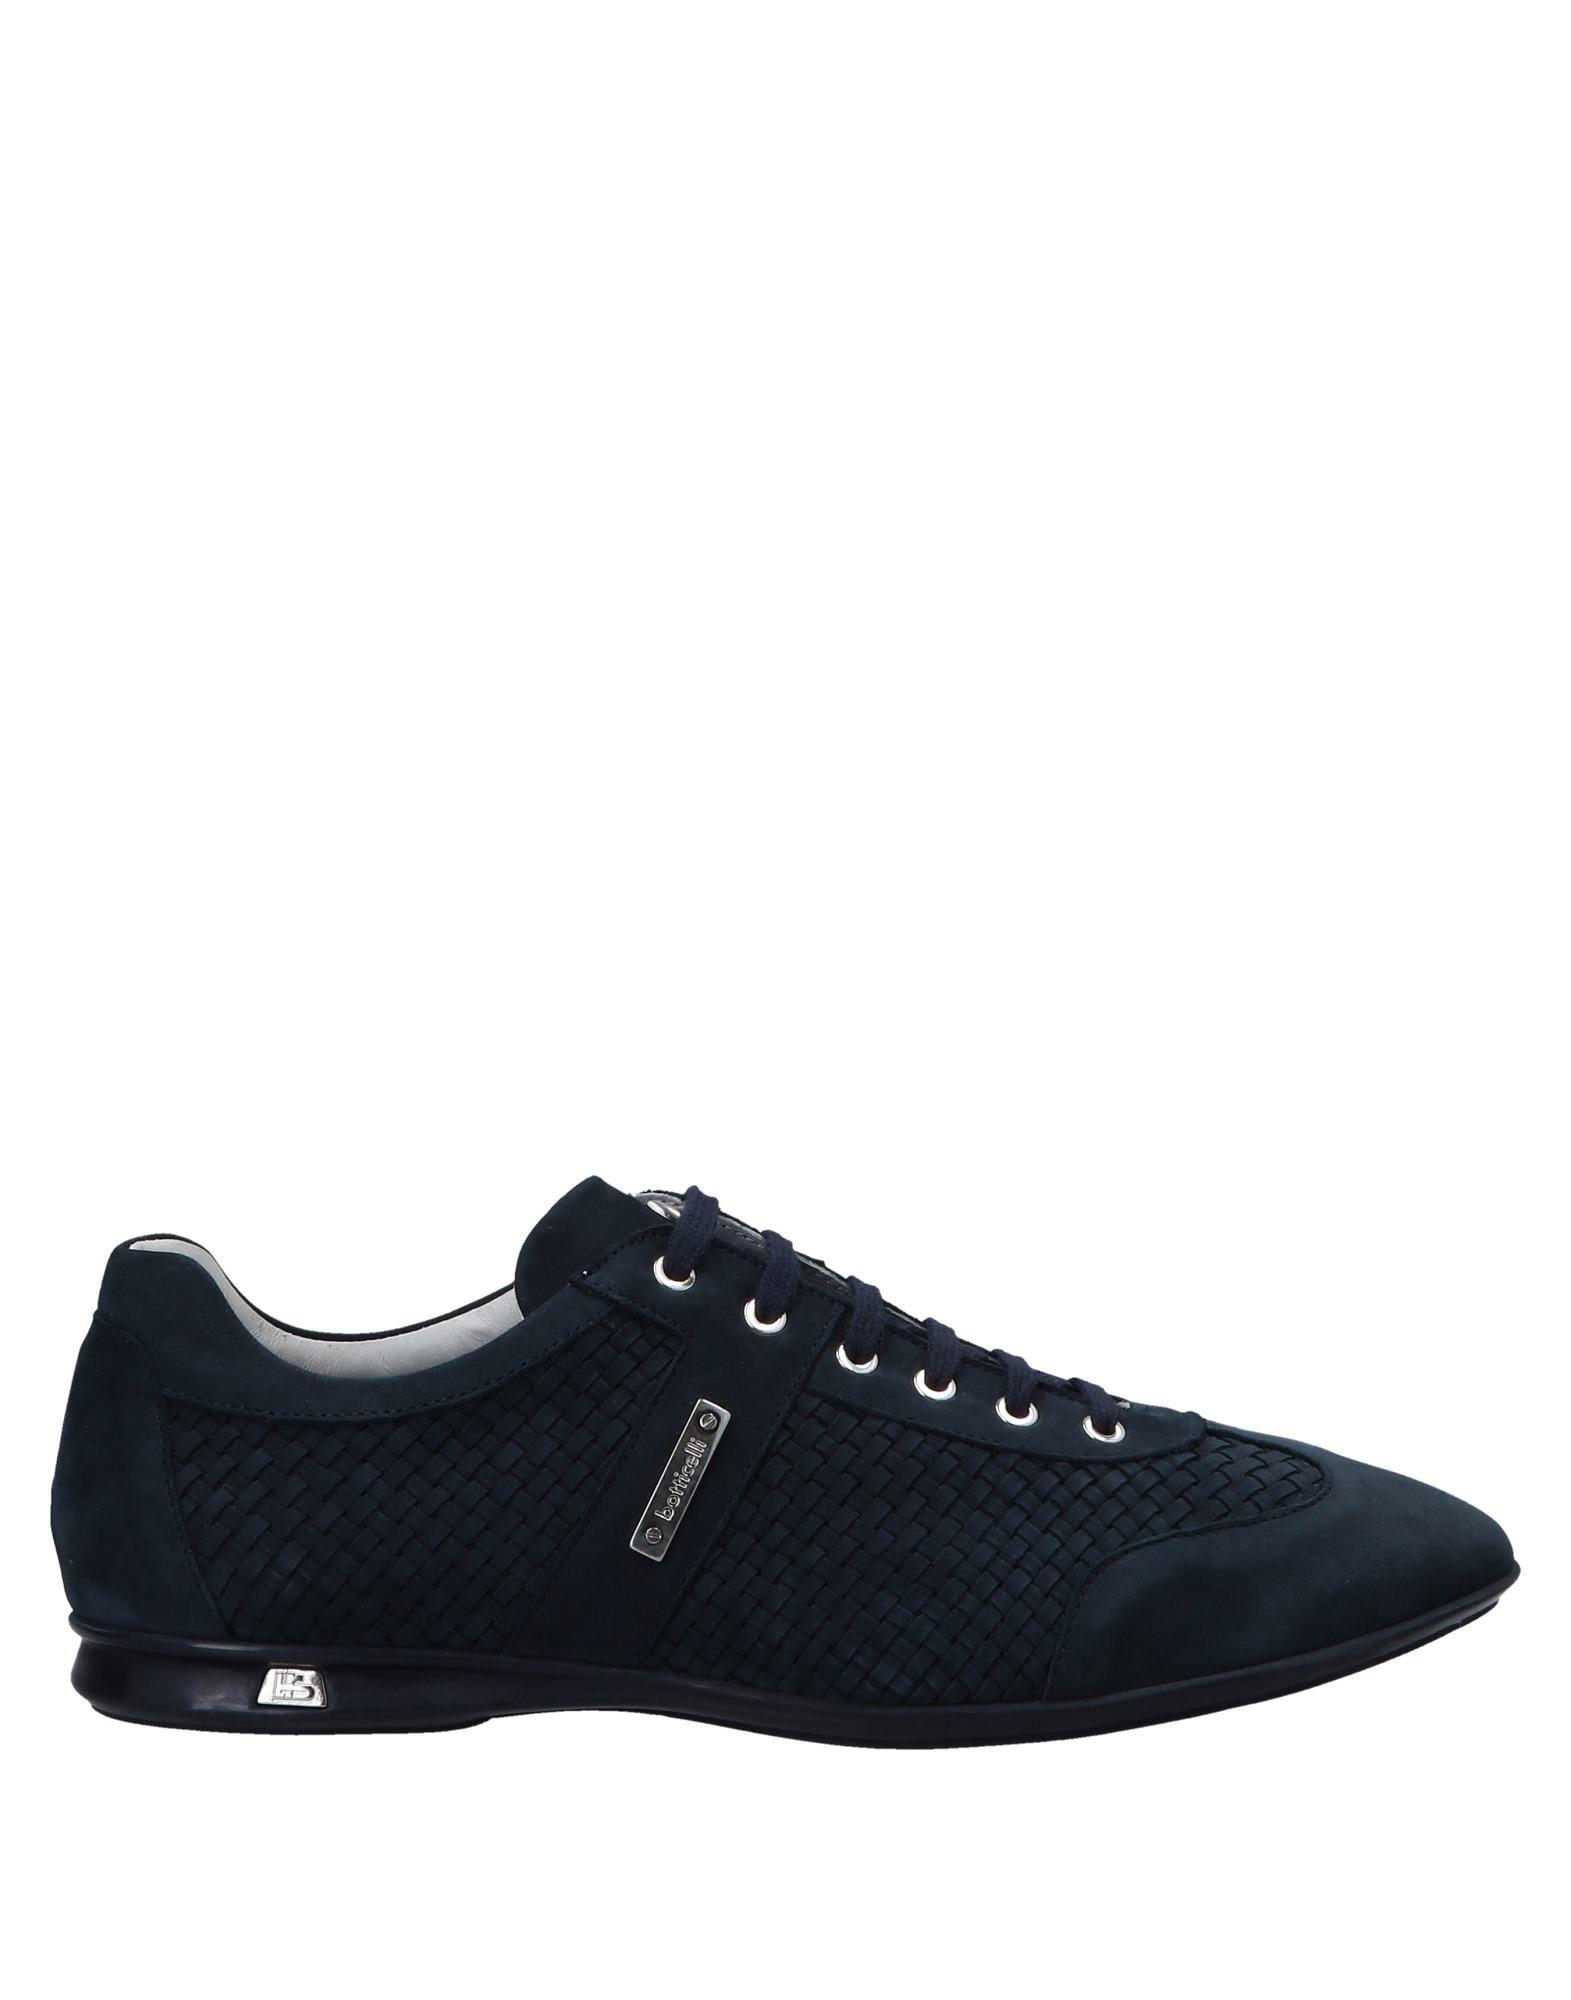 Roberto Botticelli Sneakers Herren  11554329LM Gute Qualität beliebte Schuhe